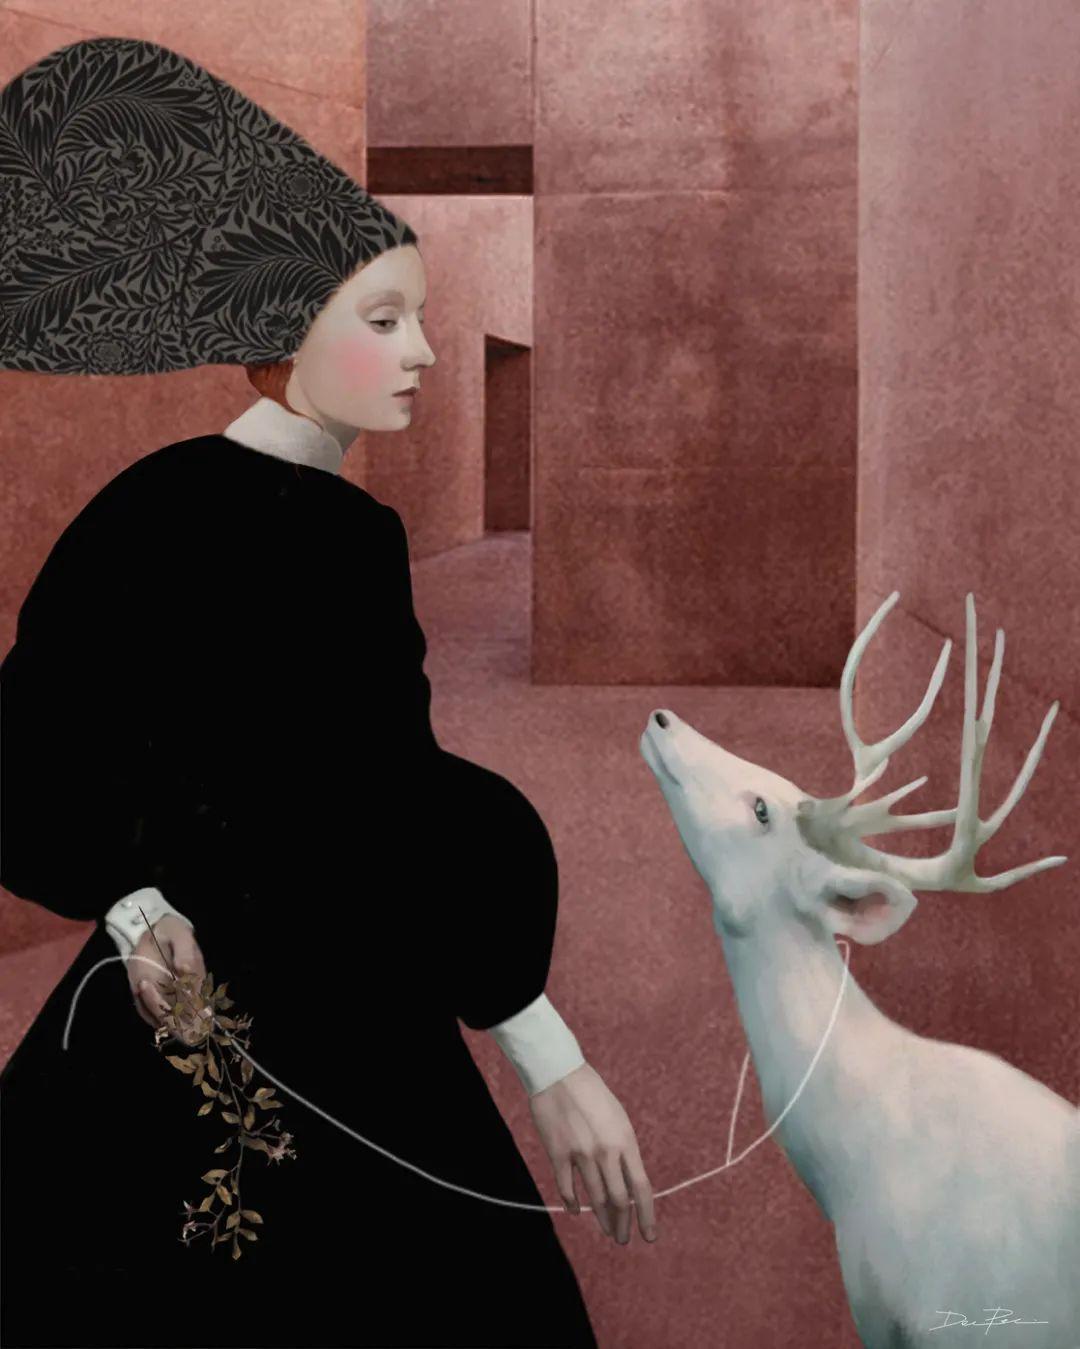 超现实的、空灵的女性形象插图5